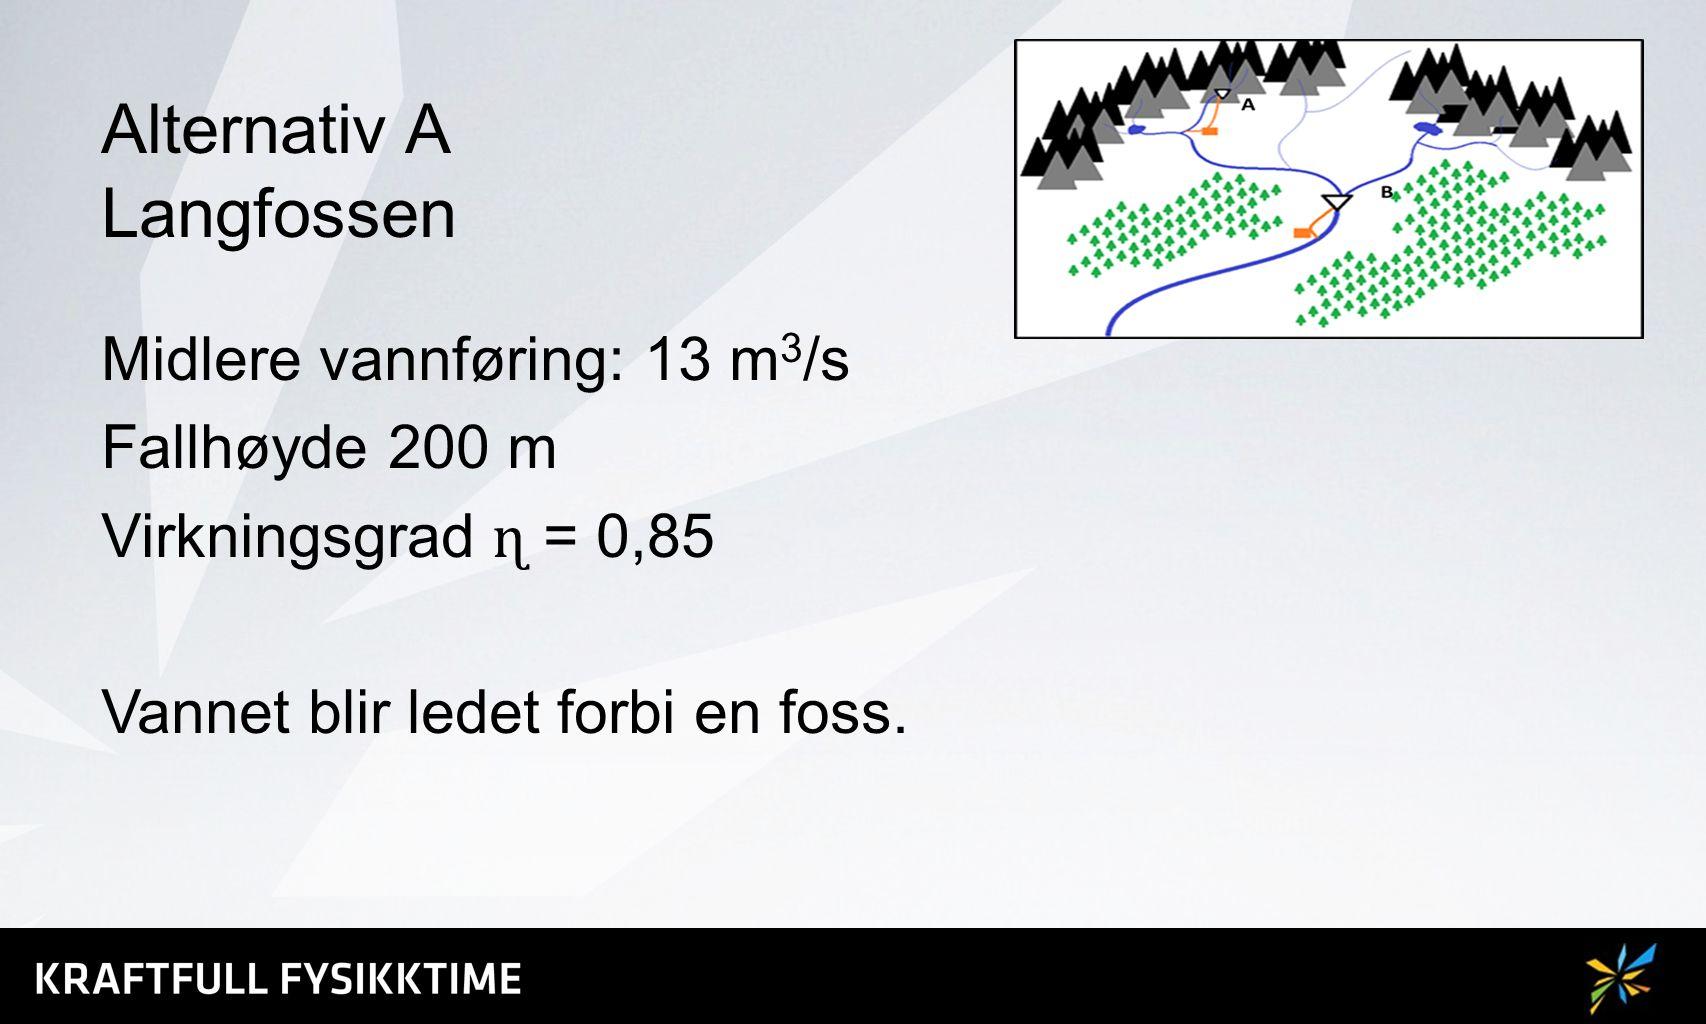 Alternativ A Langfossen Midlere vannføring: 13 m 3 /s Fallhøyde 200 m Virkningsgrad ɳ = 0,85 Vannet blir ledet forbi en foss.